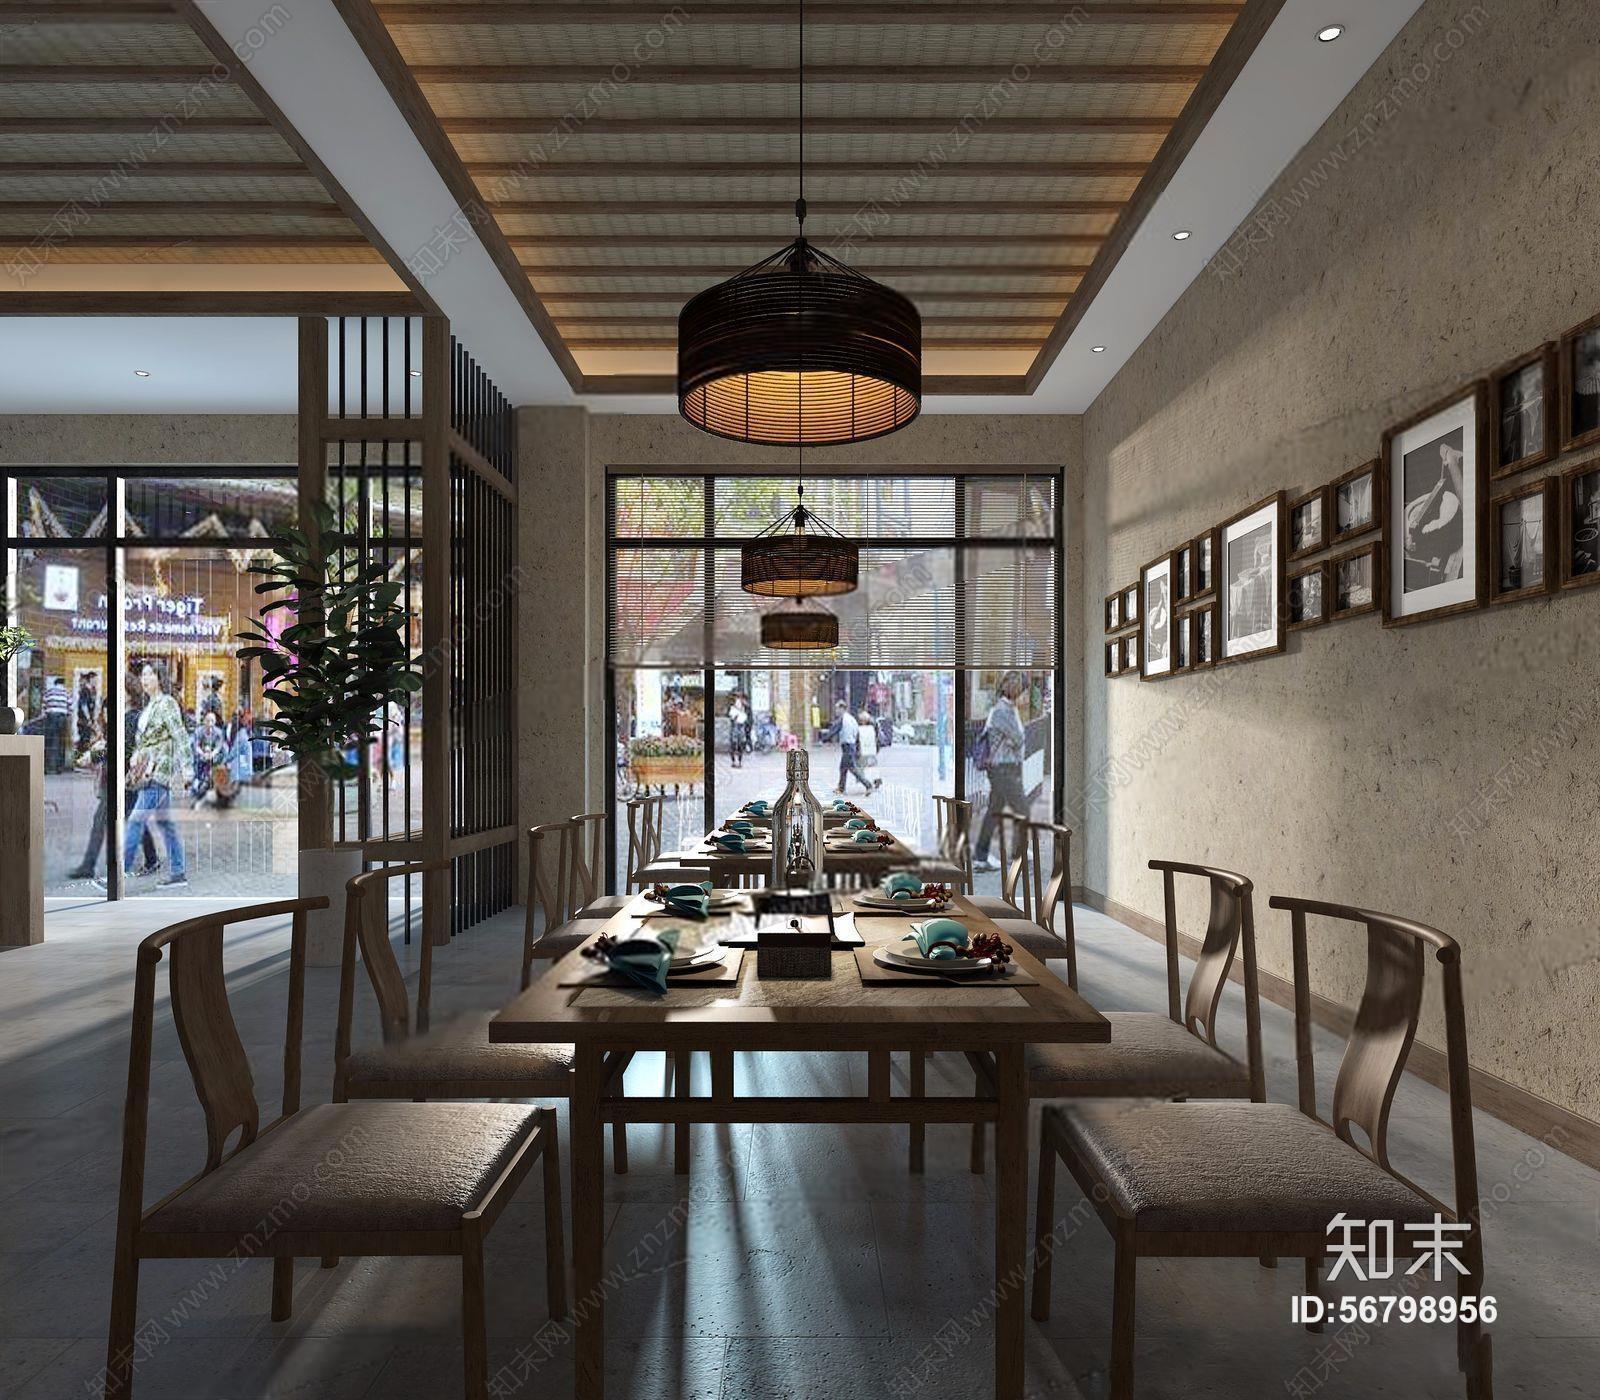 新中式餐饮大厅 新中式餐饮空间 收银台 吧台 明档 餐桌椅 隔断 酒架图片